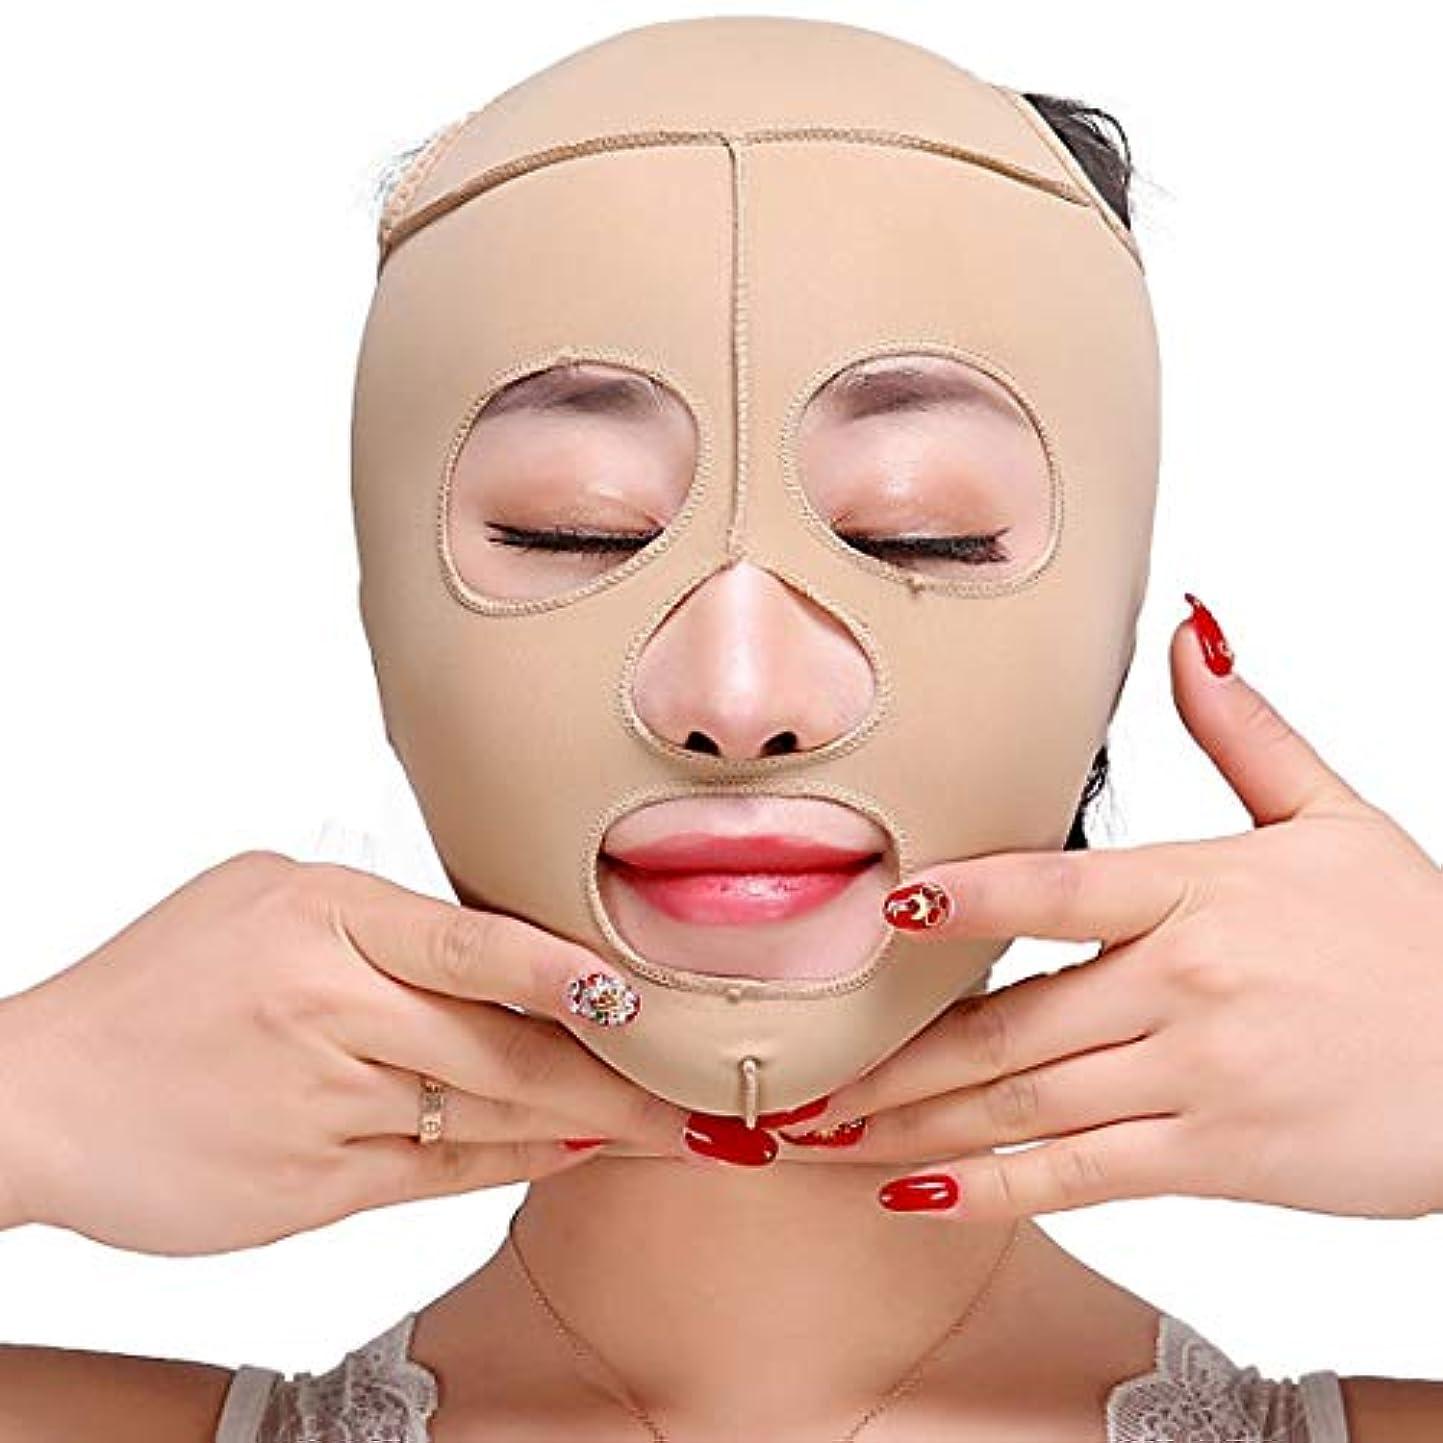 法的強要その間ZWBD フェイスマスク, フェイスリフティング包帯Vフェイスリフティングと締め付けフェイスリフティングマスクラインカービングヘッドカバー術後回復顔整形包帯